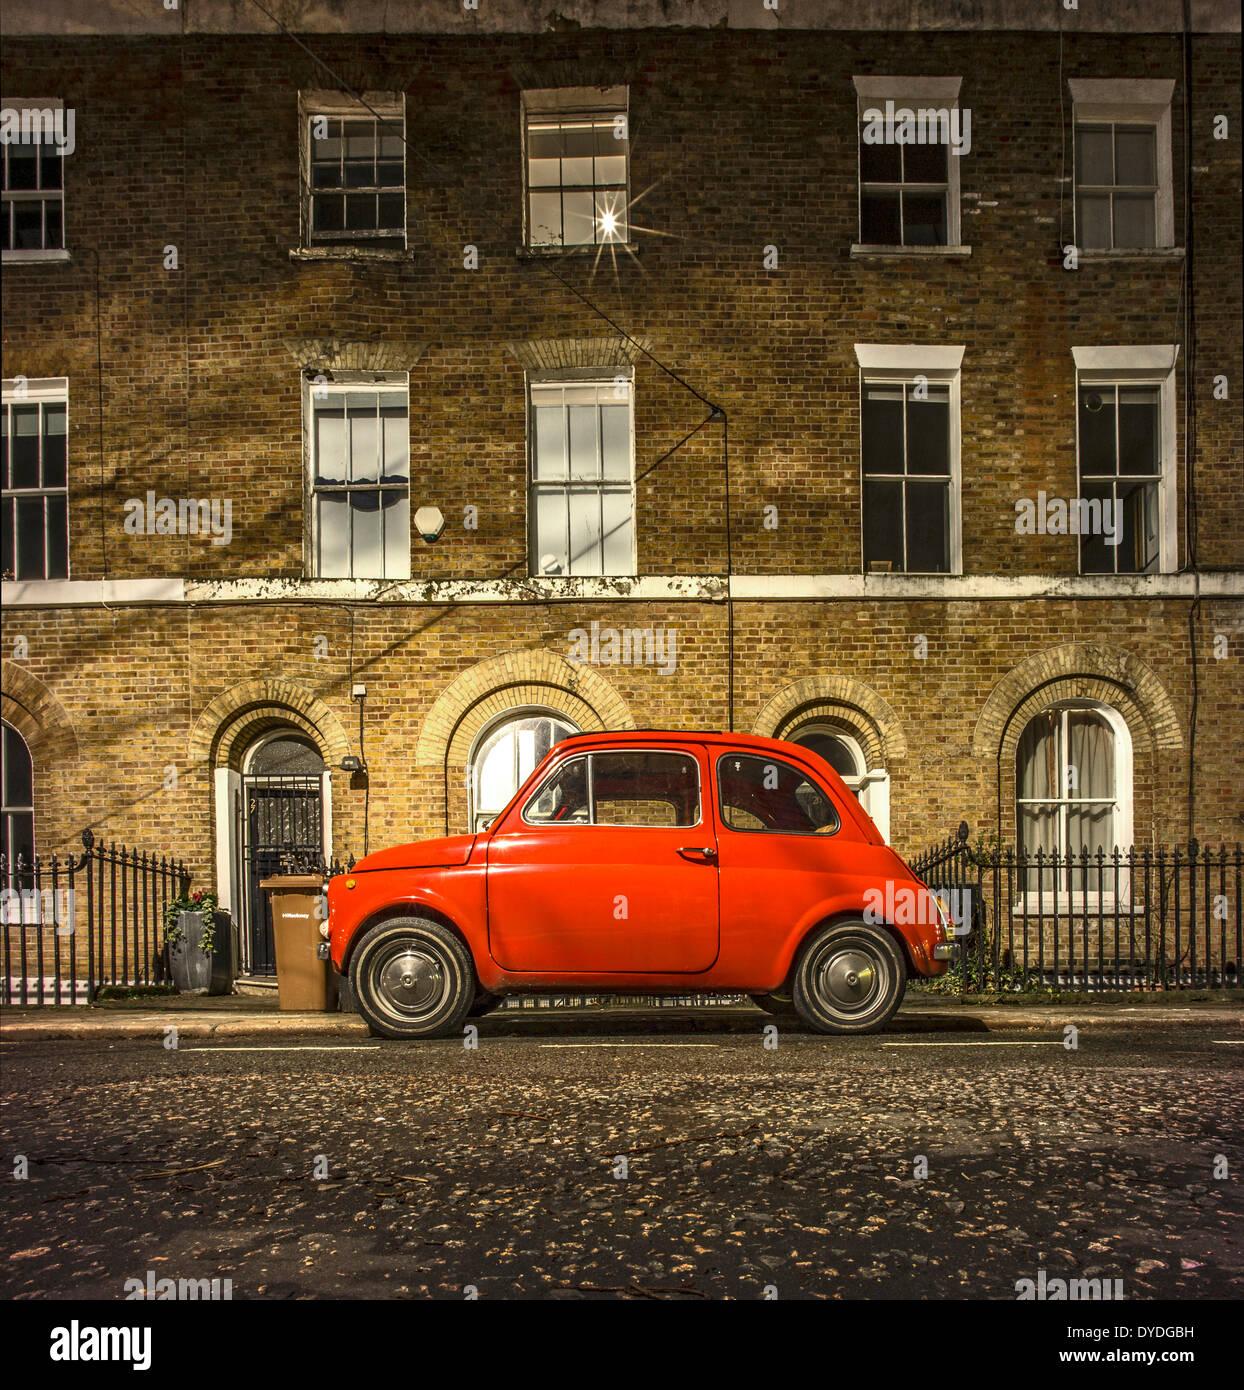 Ein original Fiat 500 auf einer Londoner Straße geparkt. Stockbild